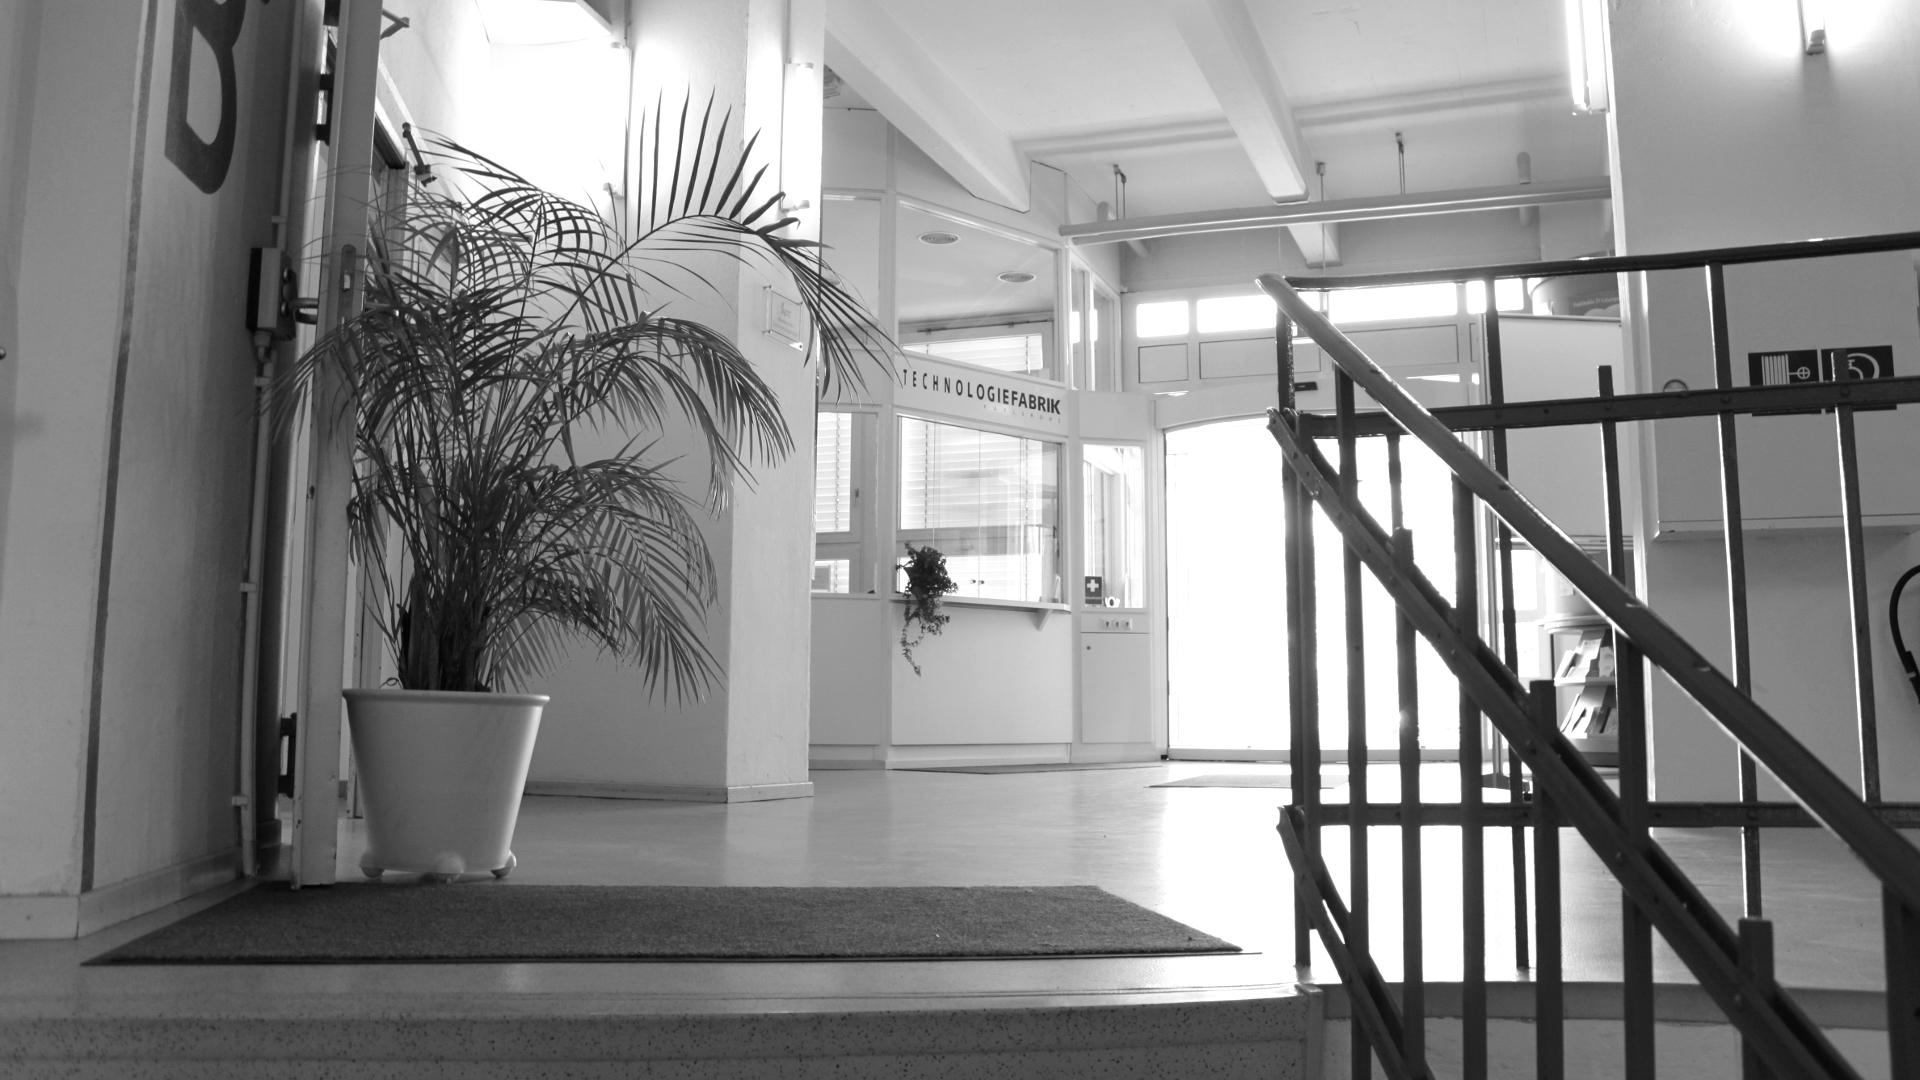 technologiefabrik karlsruhe berger schmidt drupal agentur darmstadt und karlsruhe. Black Bedroom Furniture Sets. Home Design Ideas